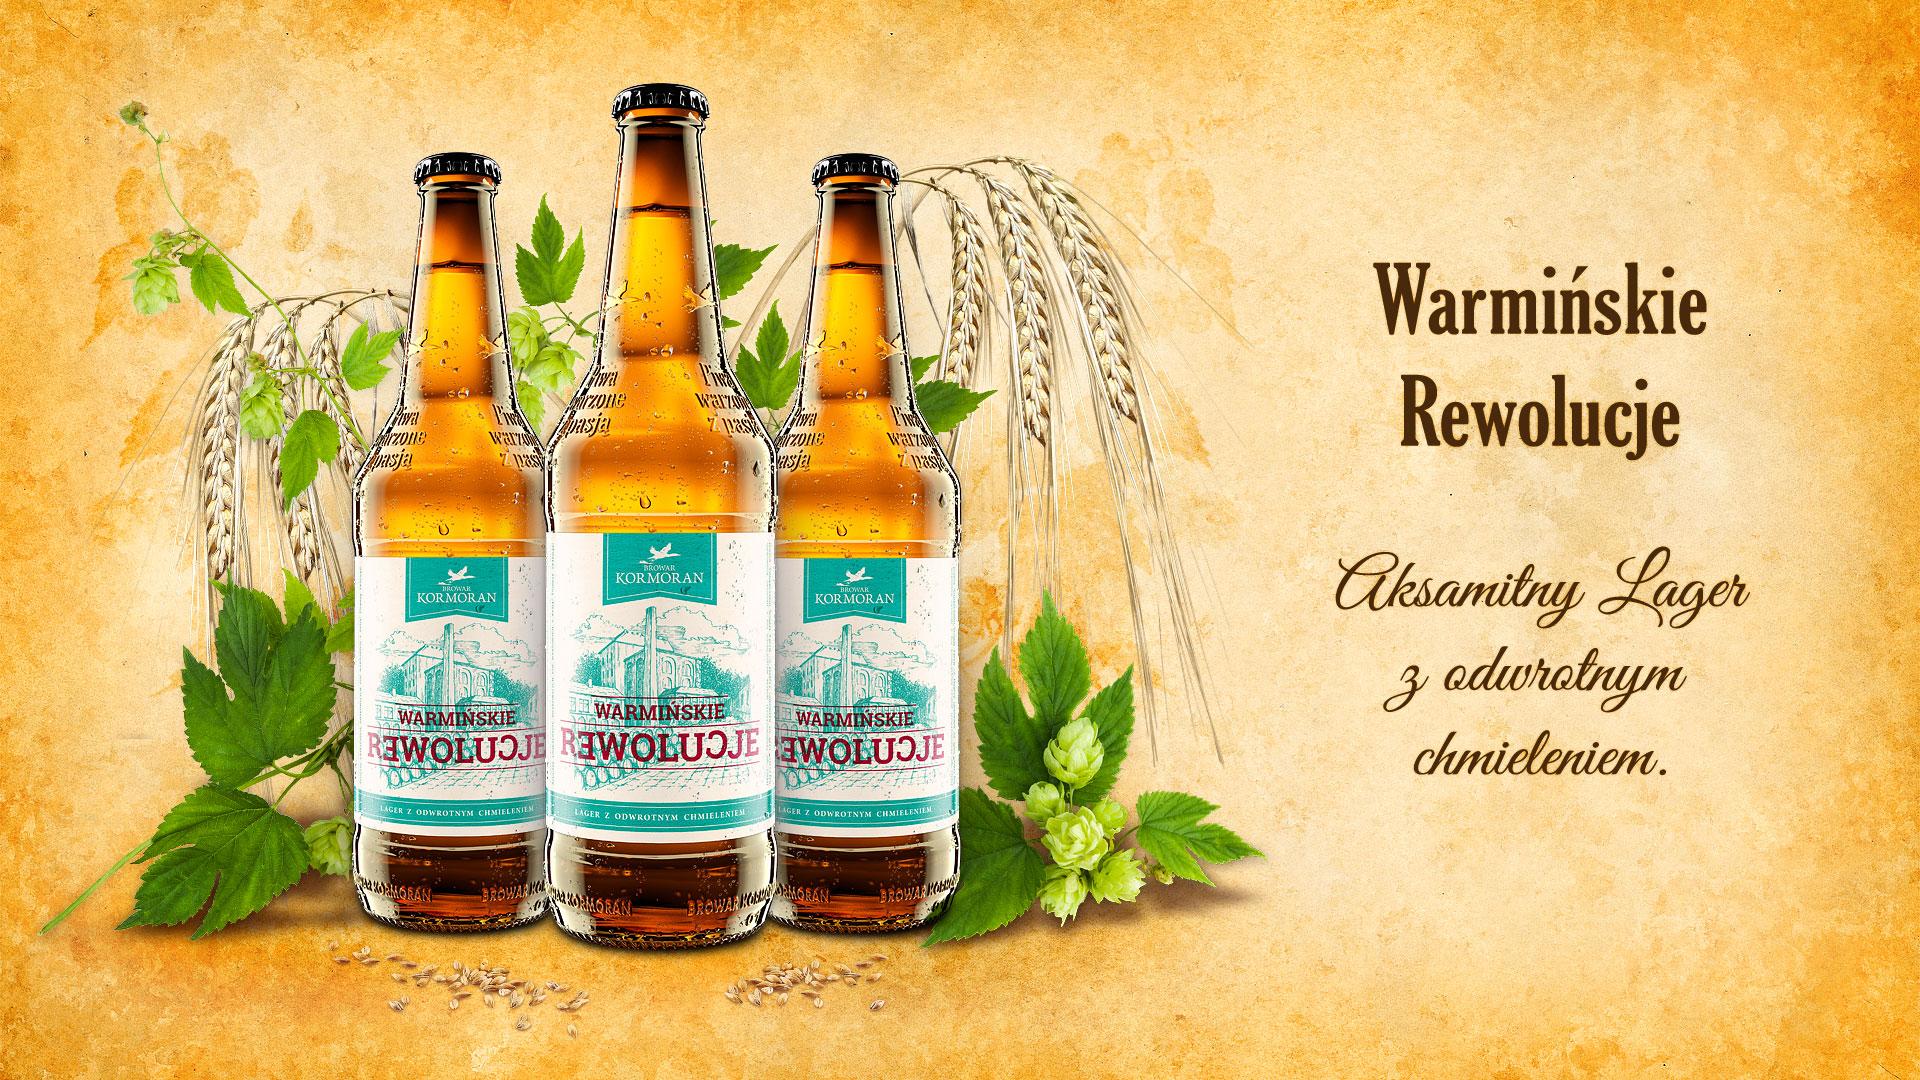 Piwo Warmińskie Rewolucje - Browar Kormoran